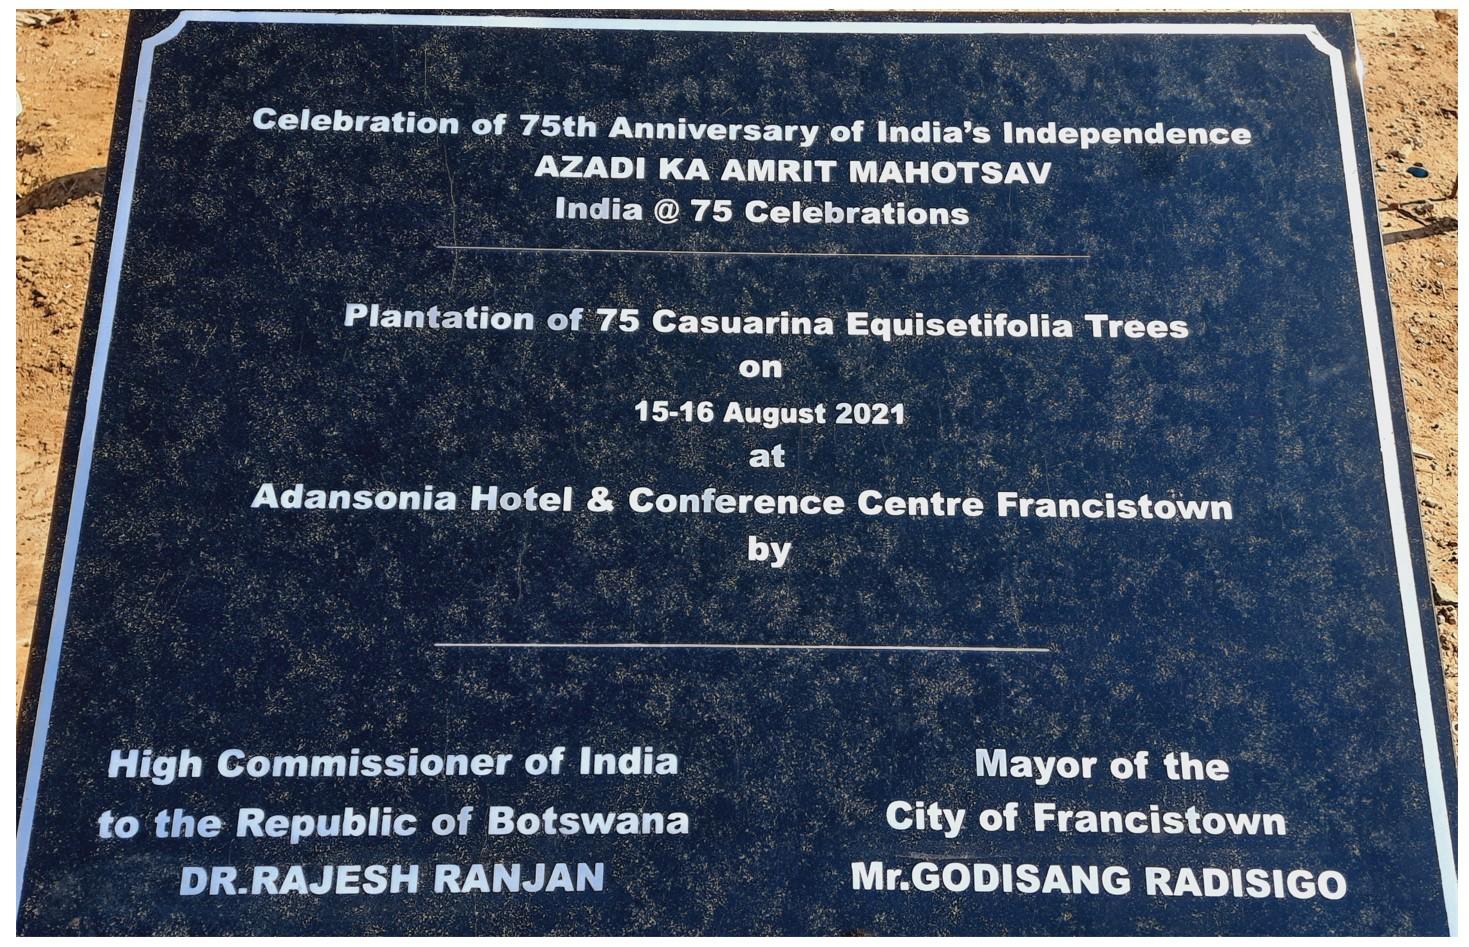 Azadi Ka Amrit Mahotsav: Tree Plantation Ceremony in Francistown